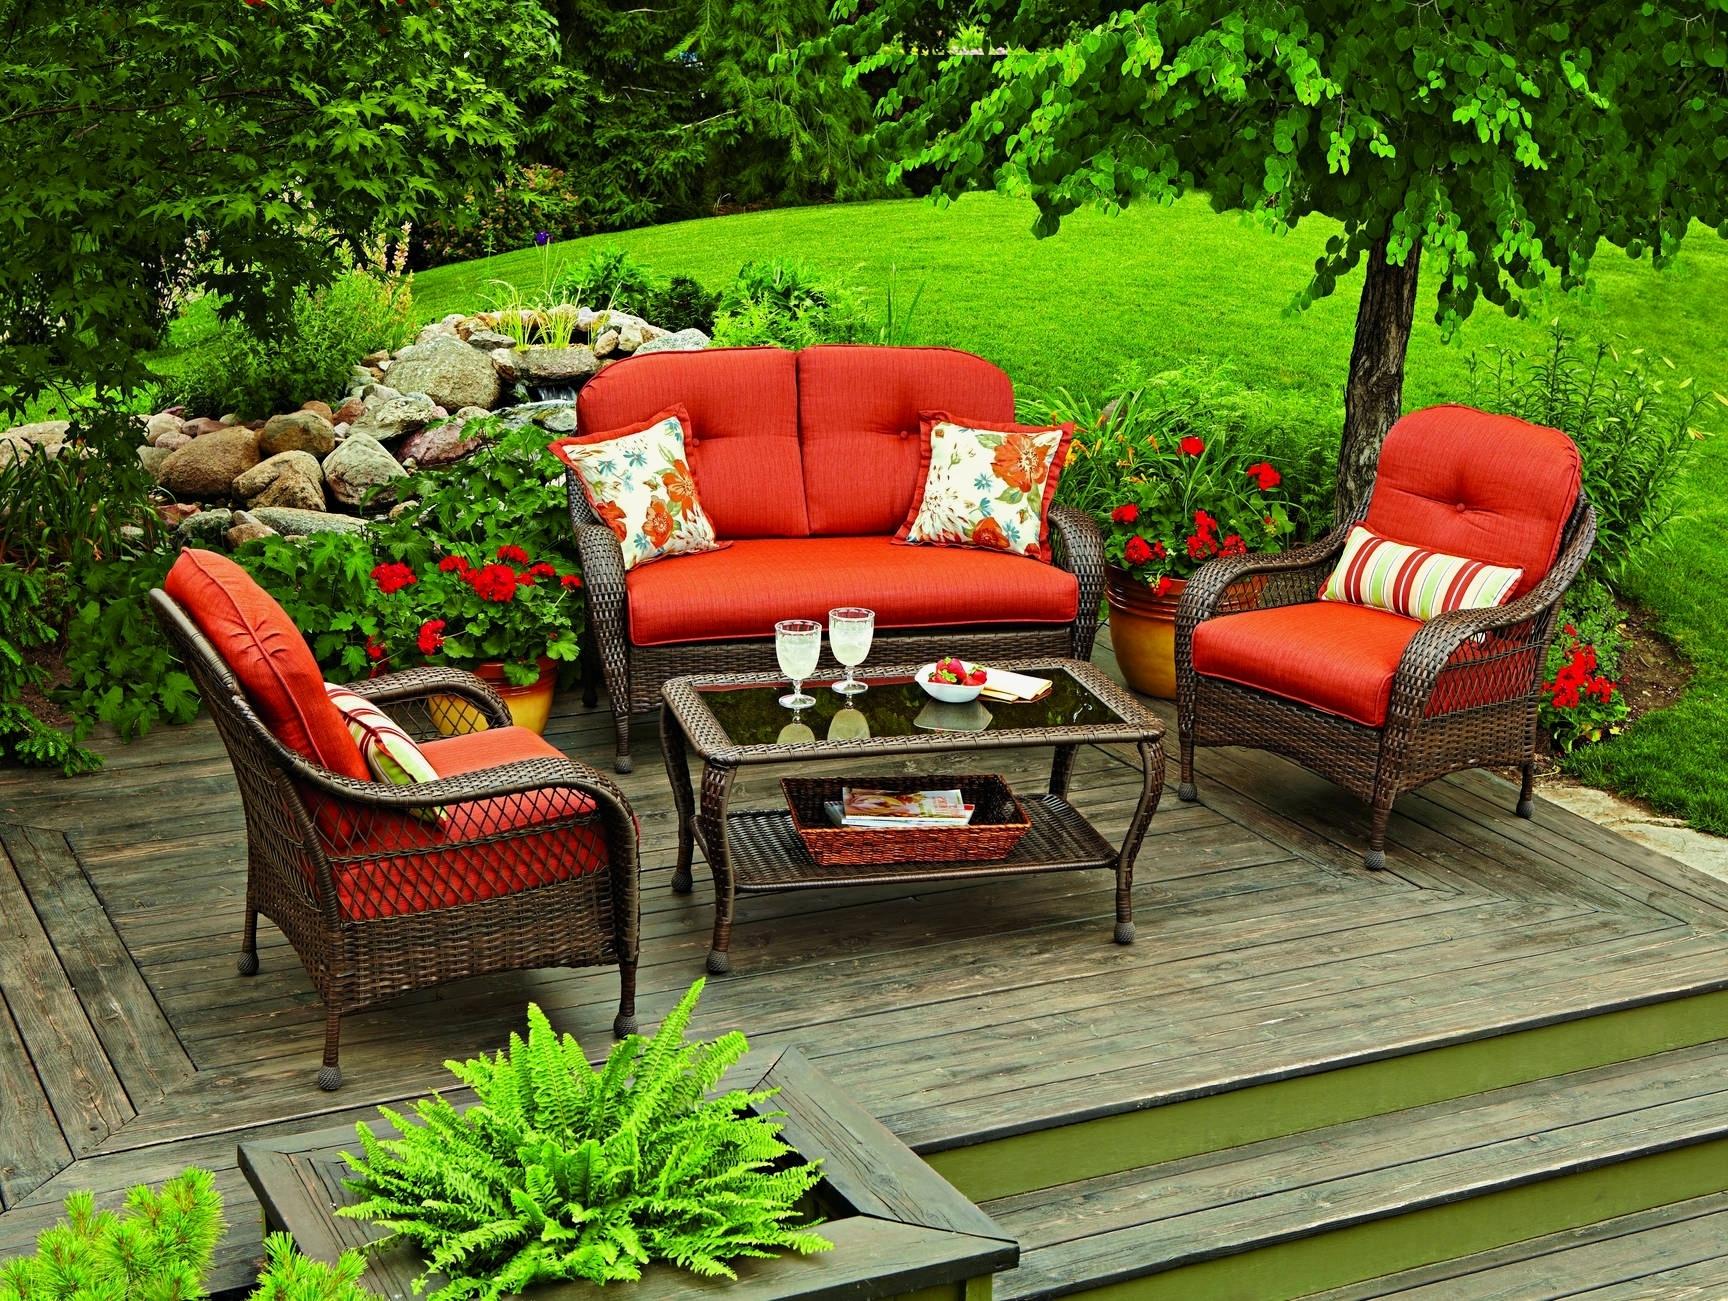 Red Sunbrella Patio Umbrellas In Well Known Sunbrella Patio Furniture Costco Unique Outdoor Chairs Costco Stock (Gallery 20 of 20)